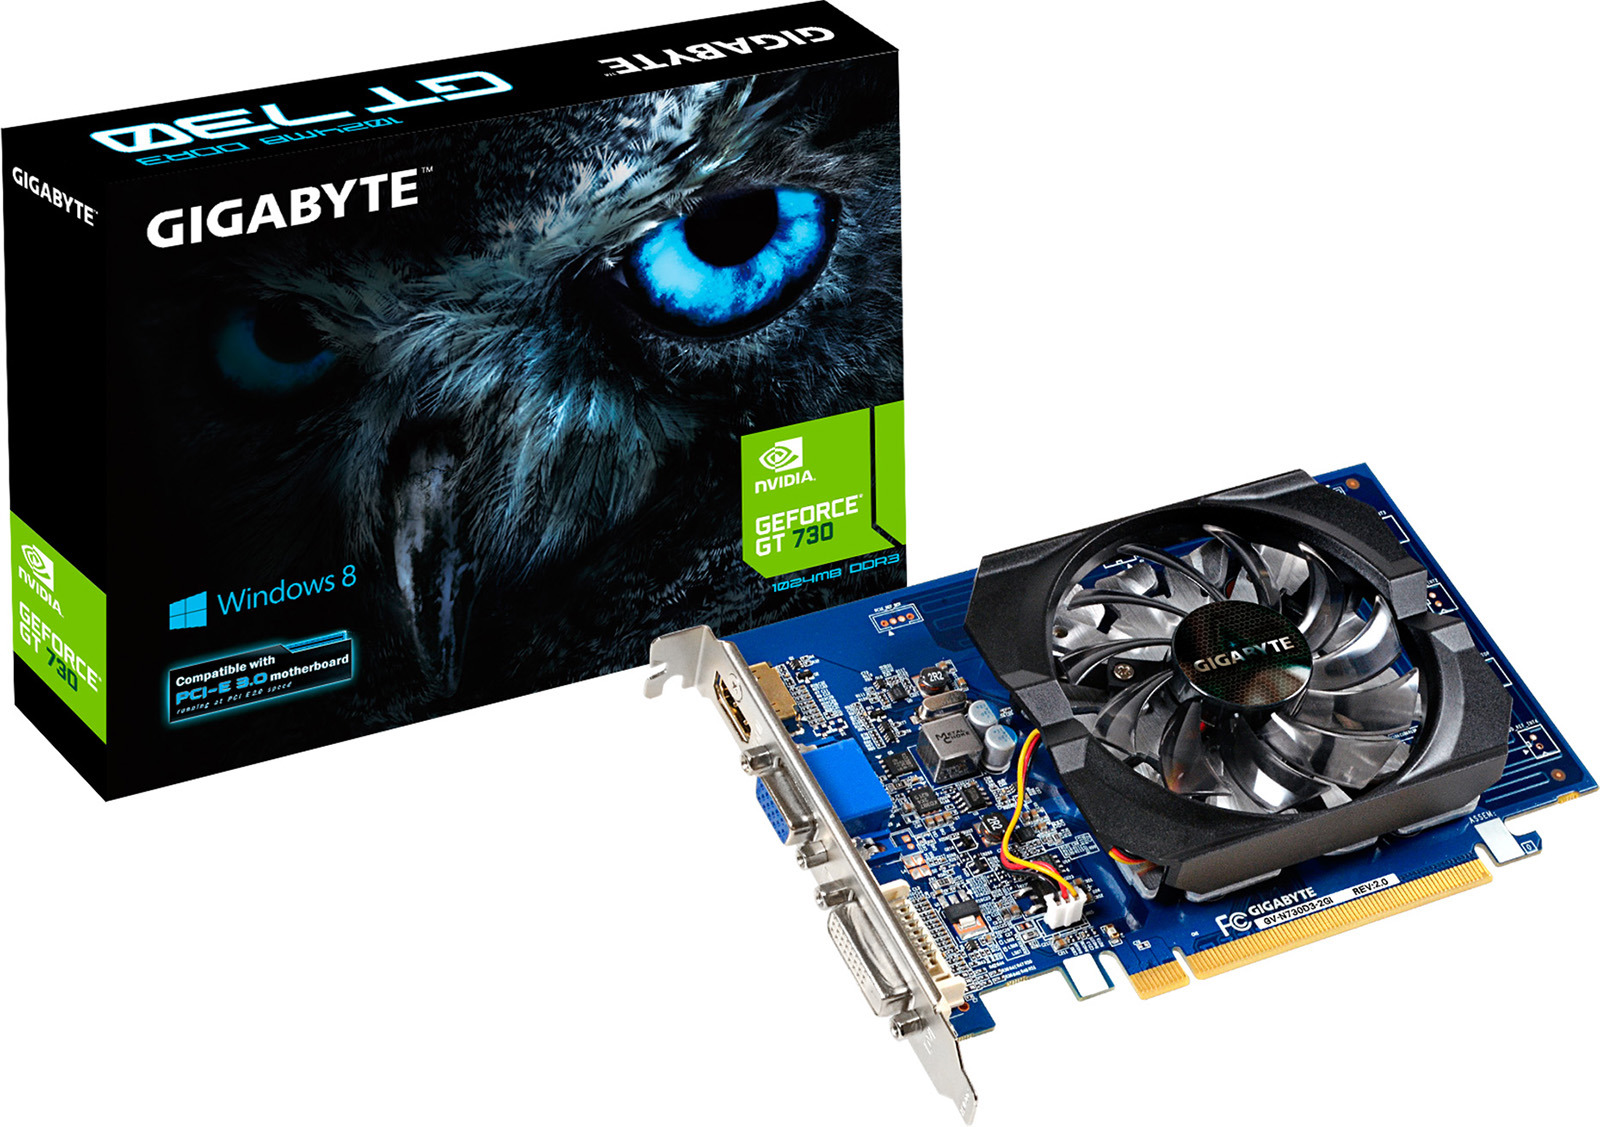 Видеокарта nVidia GeForce GT730 Gigabyte PCI-E 2048Mb, GV-N730D3-2GI видеокарта gigabyte pci e gv n730d5 2gi nvidia